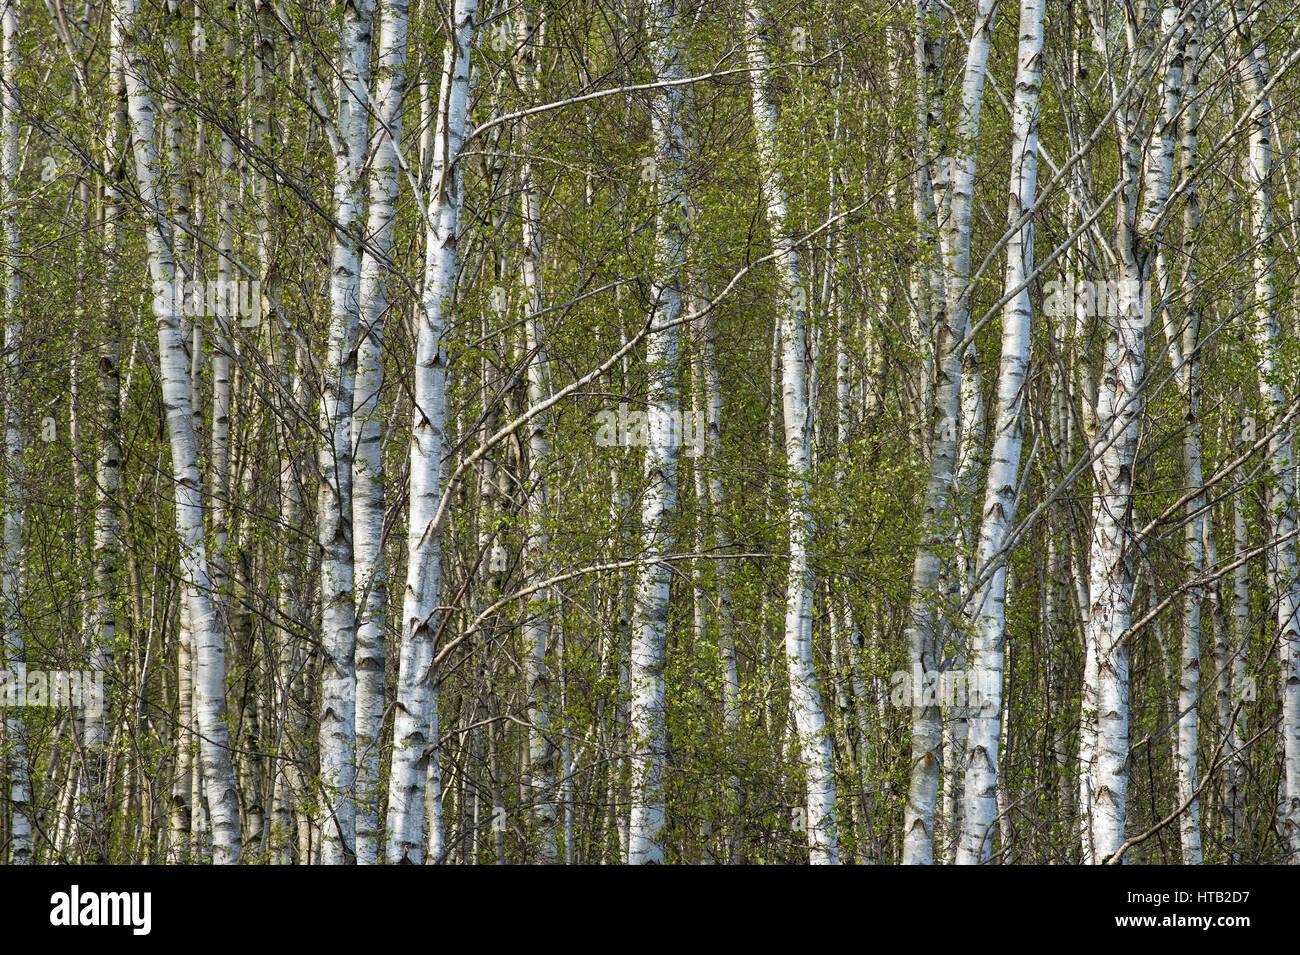 Birch forest in the moor, Birkenwald im Moor Stock Photo